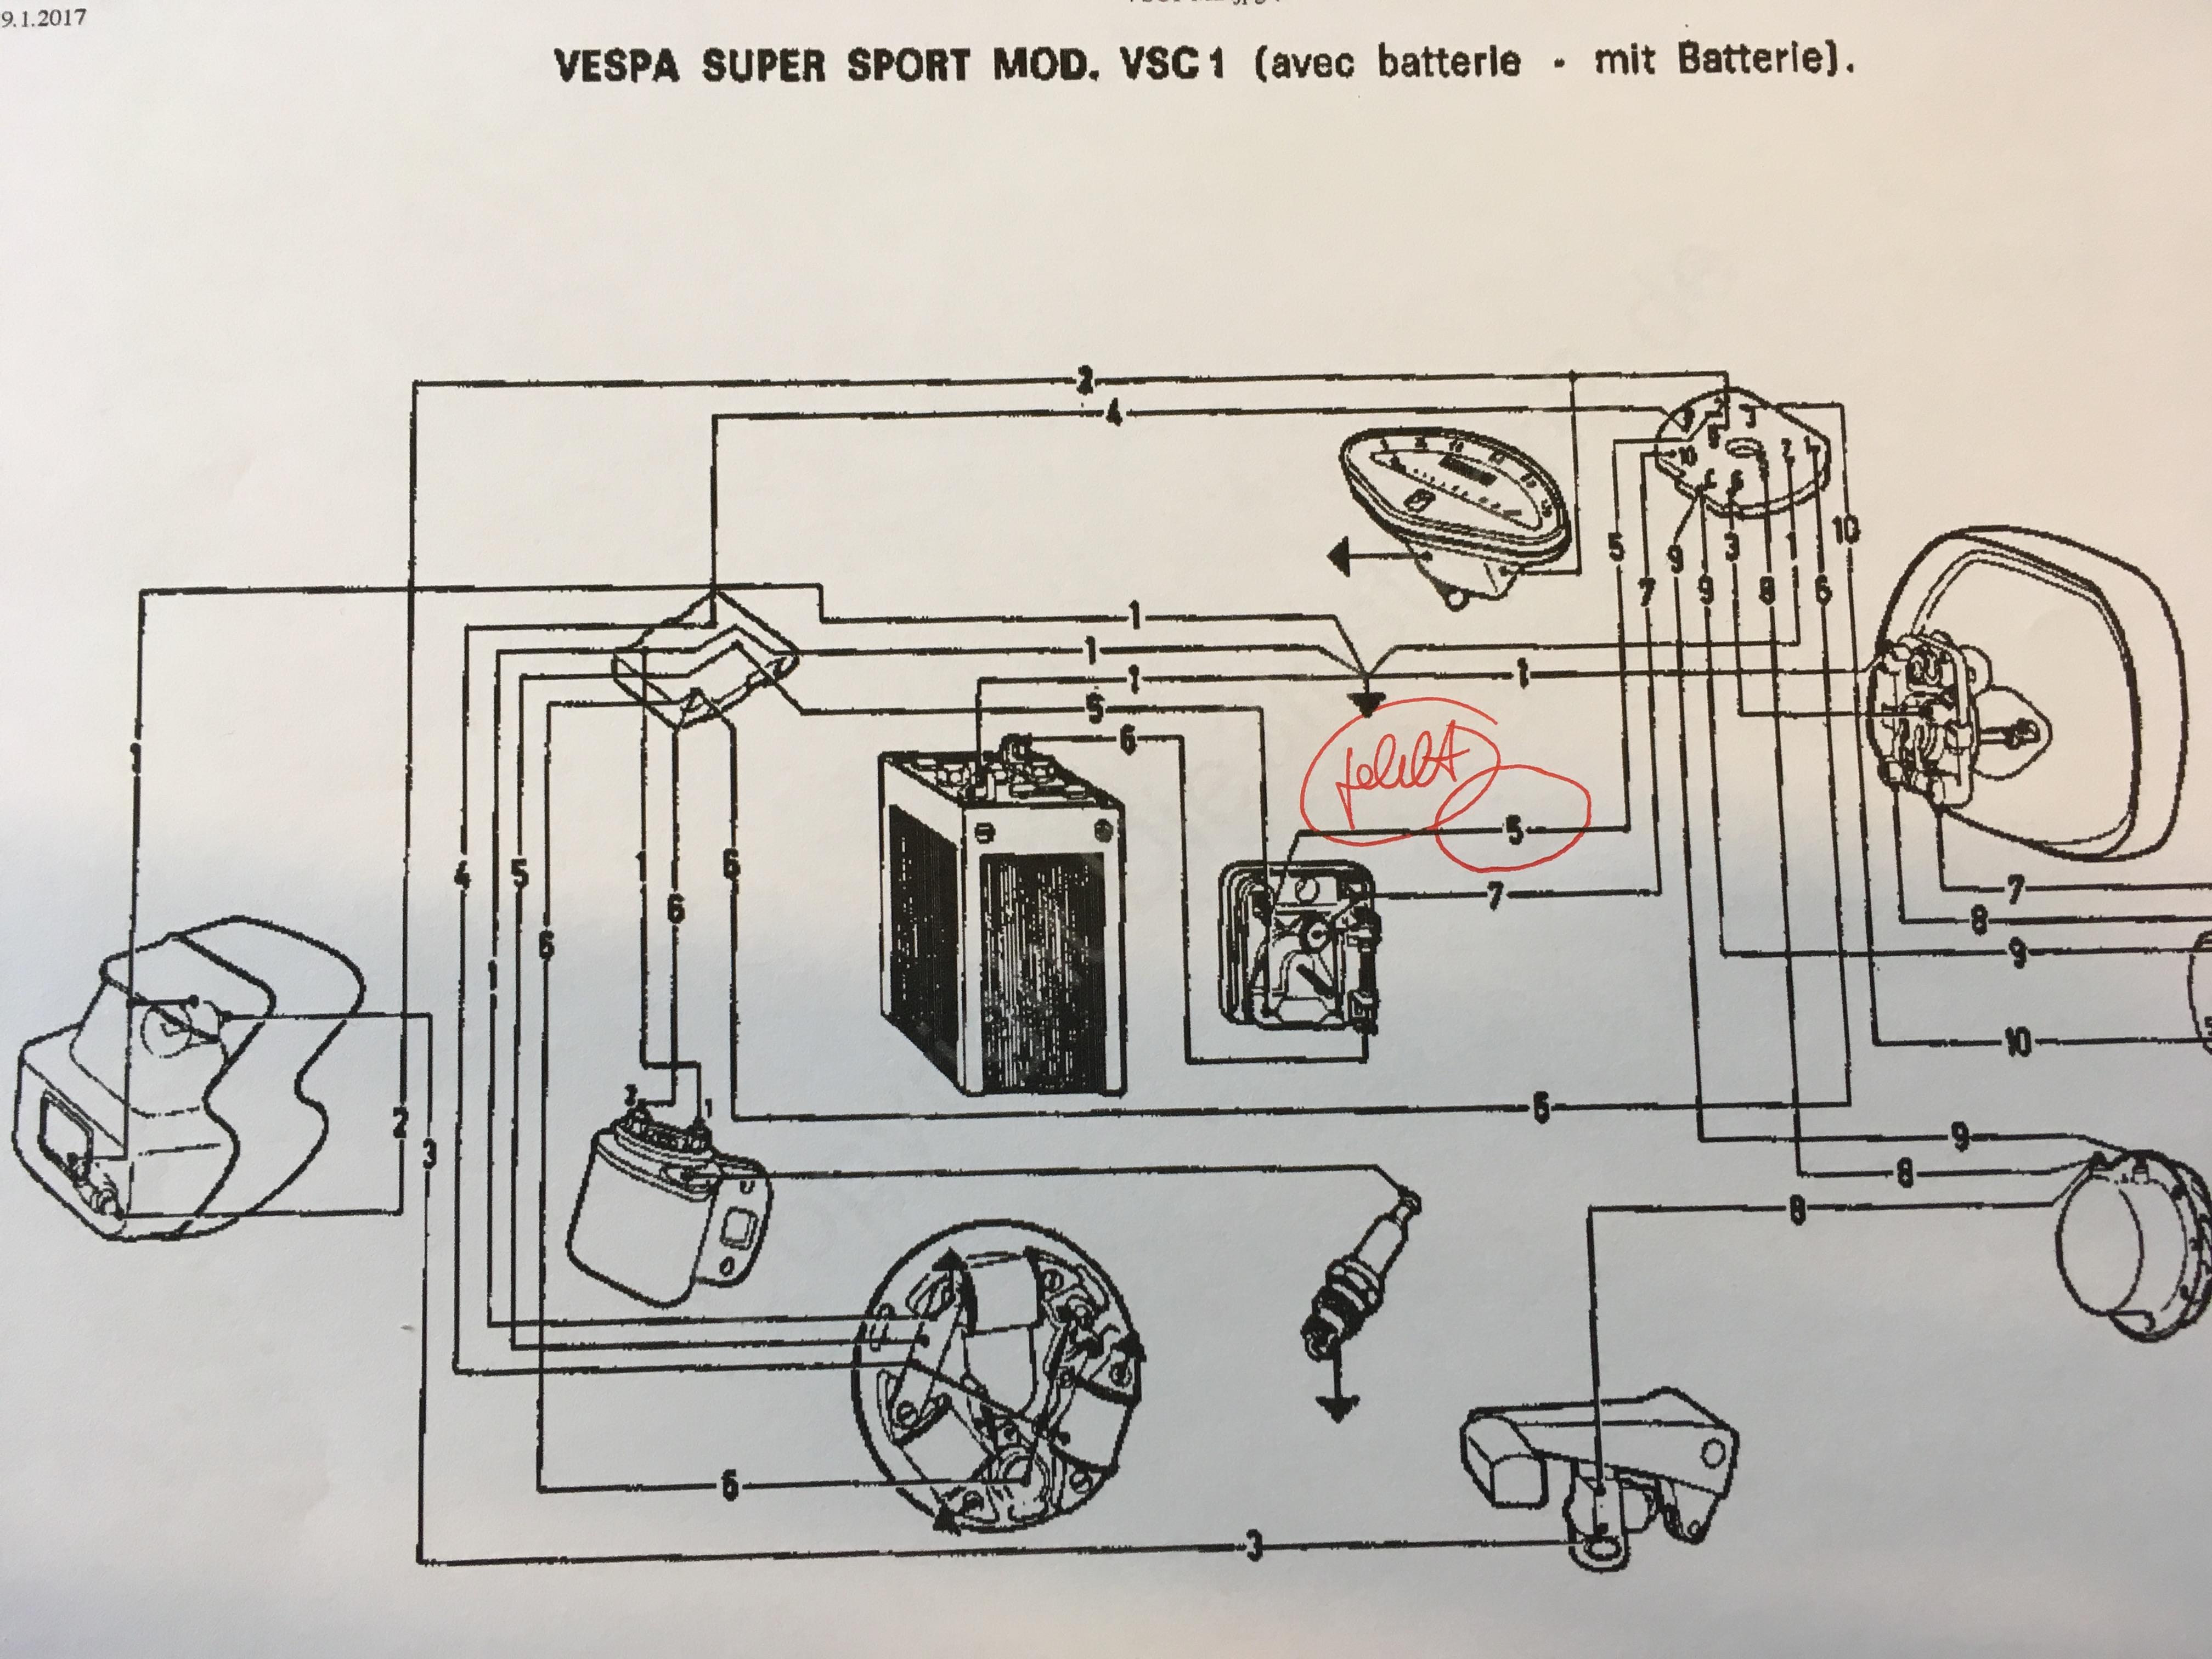 Vespa Rally Elektrikfragen - Vespa Rally, Sprint, VNA, VNB, VBB ...